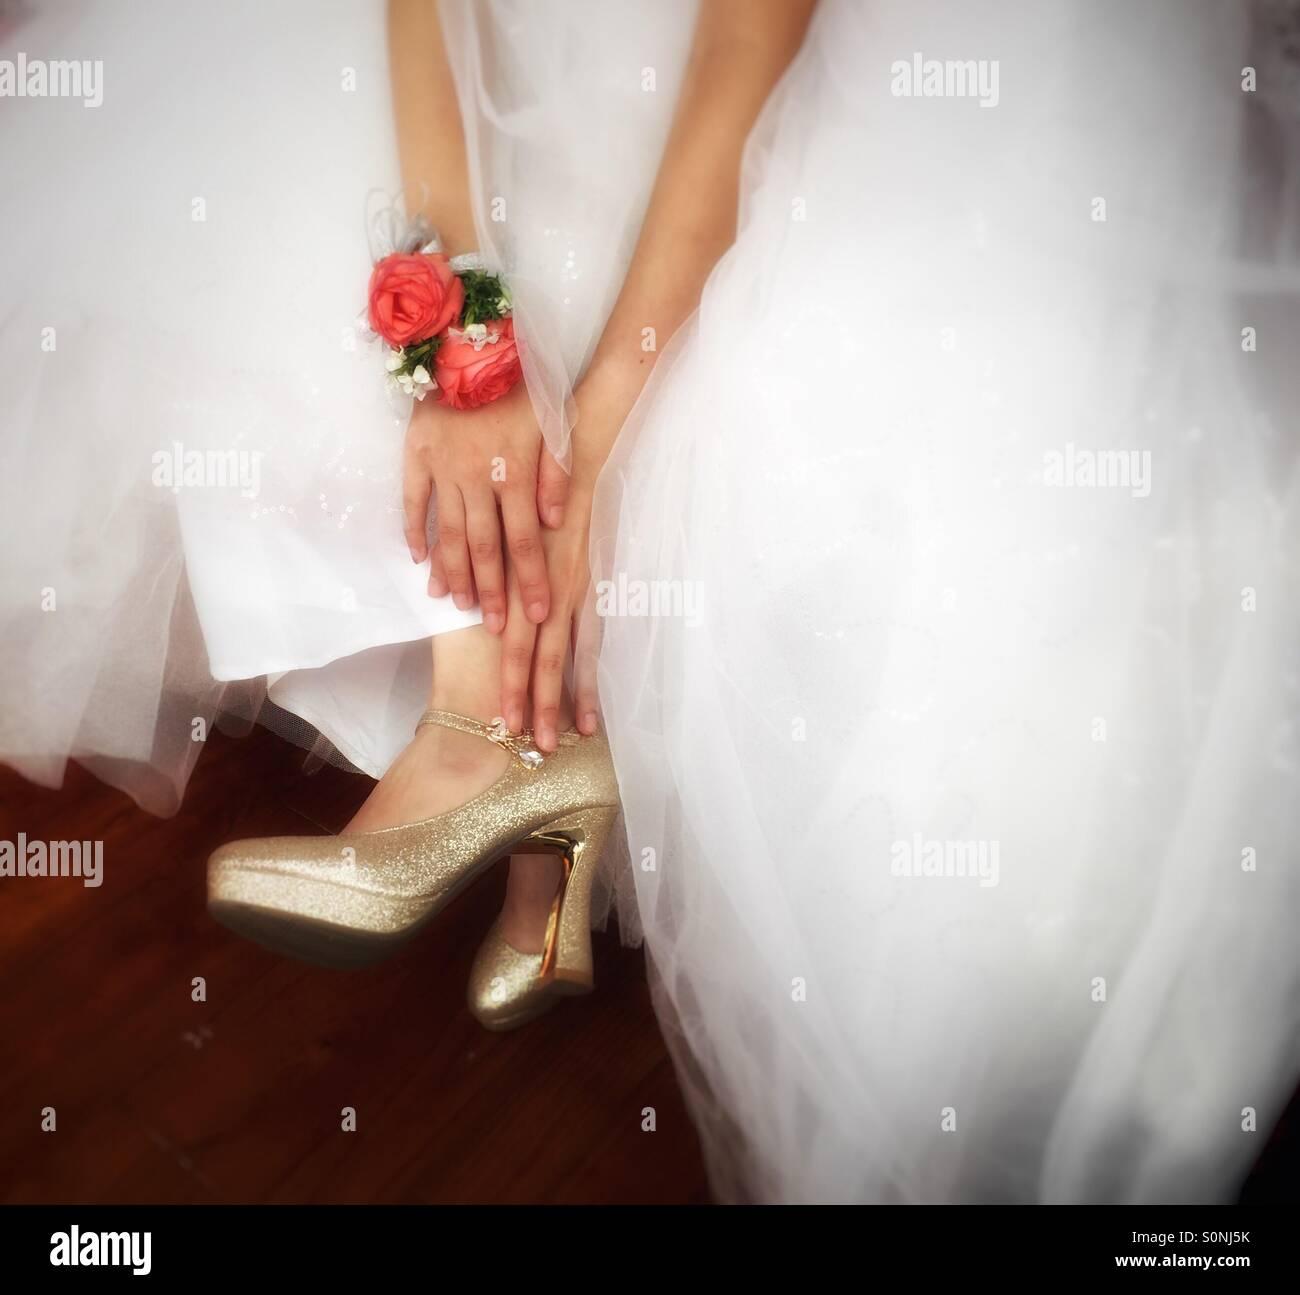 Scarpe sposa giorno di nozze Immagini Stock